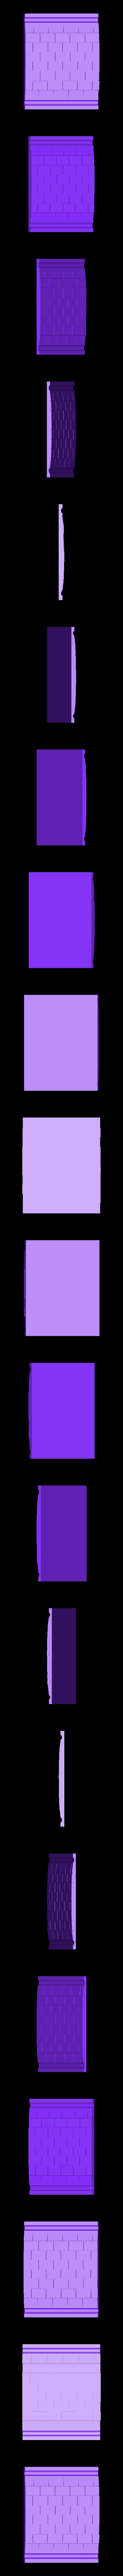 a_n_hstr_1.stl Télécharger fichier STL gratuit ROUTE - Ancien et neuf - Partie A • Design pour impression 3D, Earsling